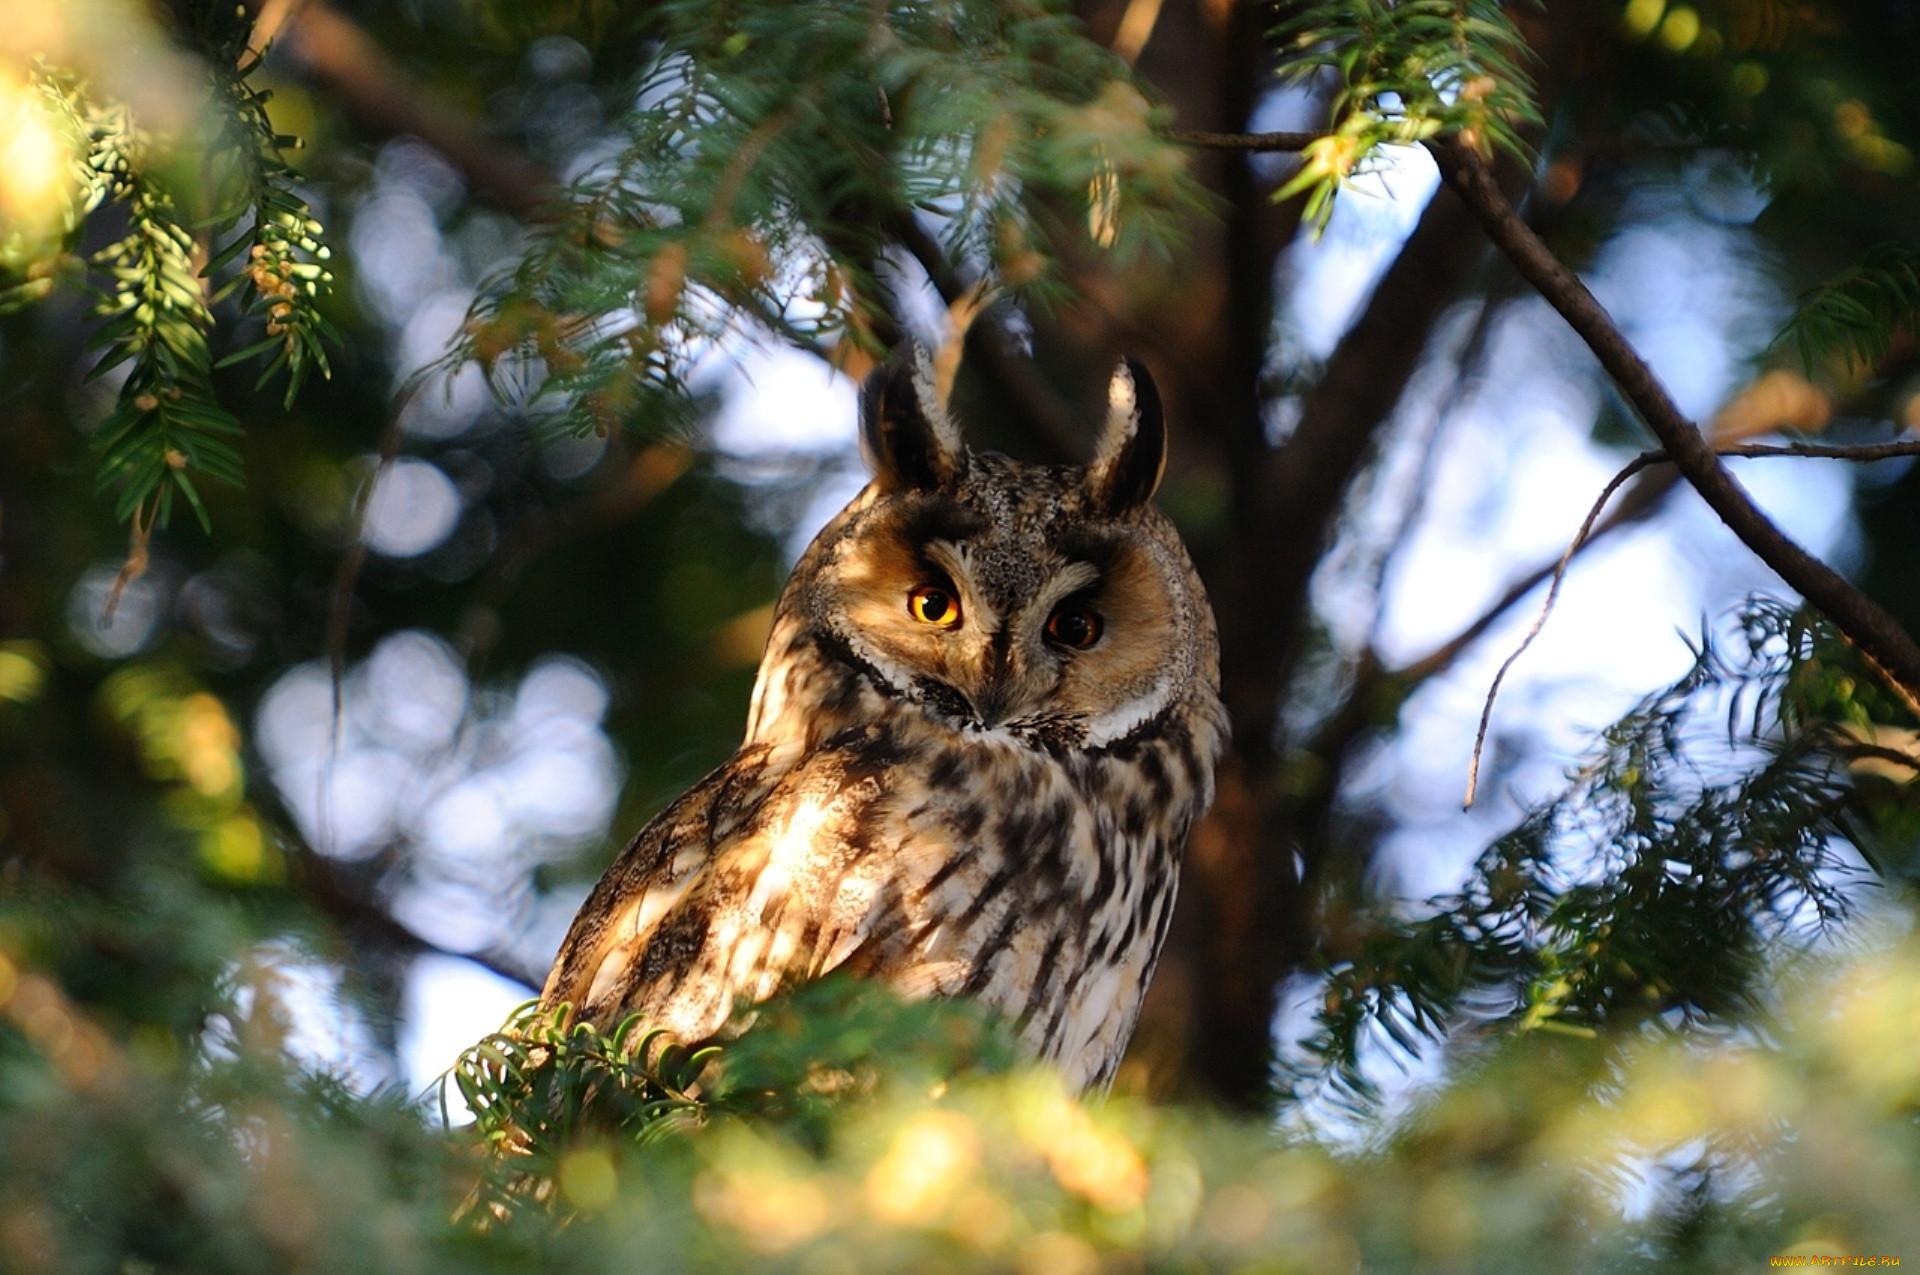 вам картинки лесных животных и птиц текстильных абажуров